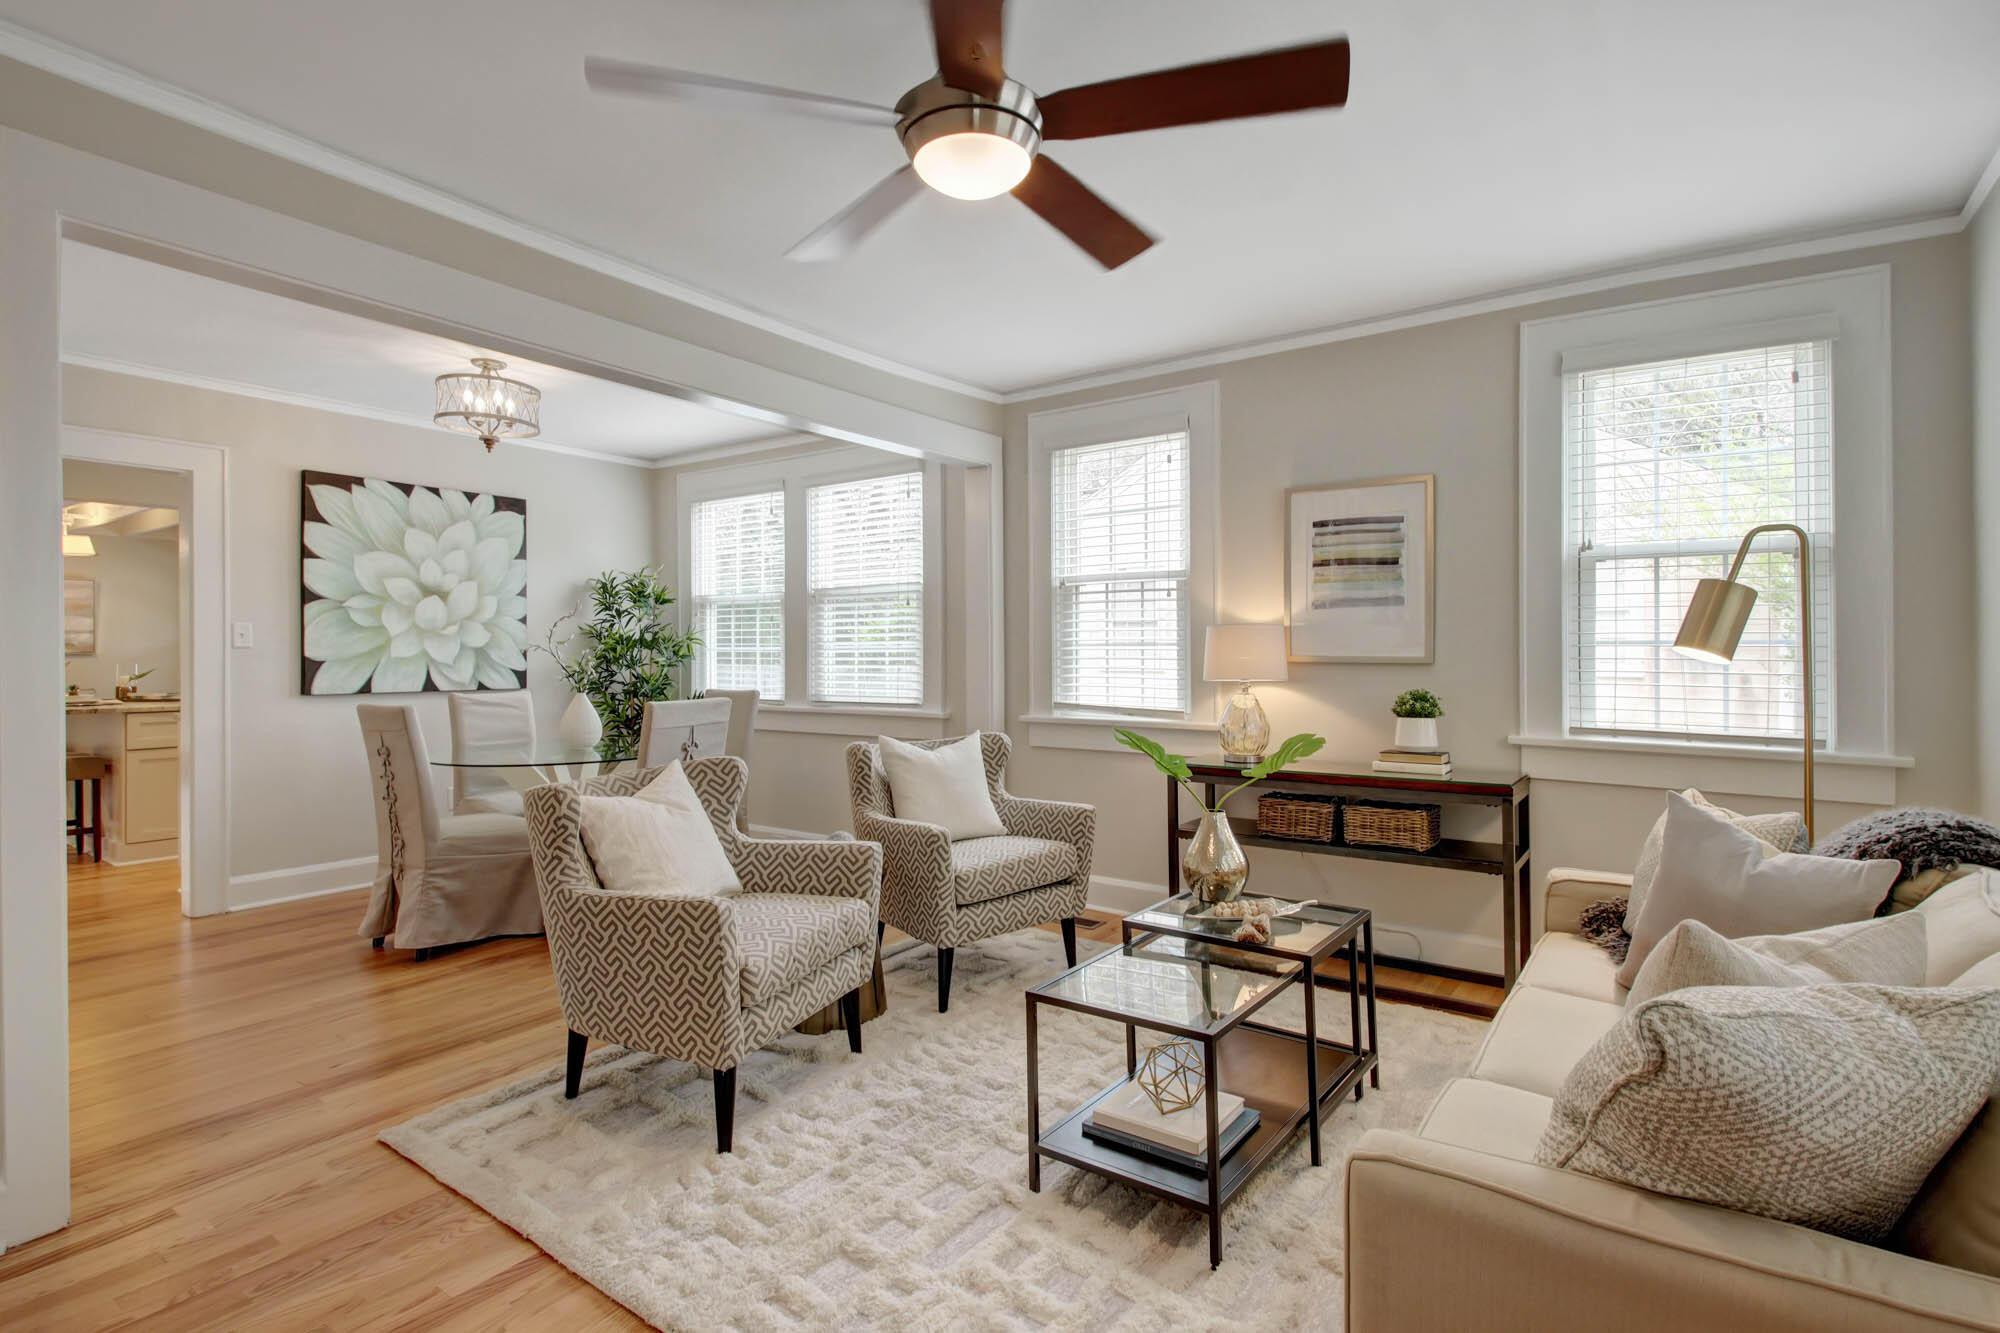 Avondale Homes For Sale - 57 Avondale, Charleston, SC - 25